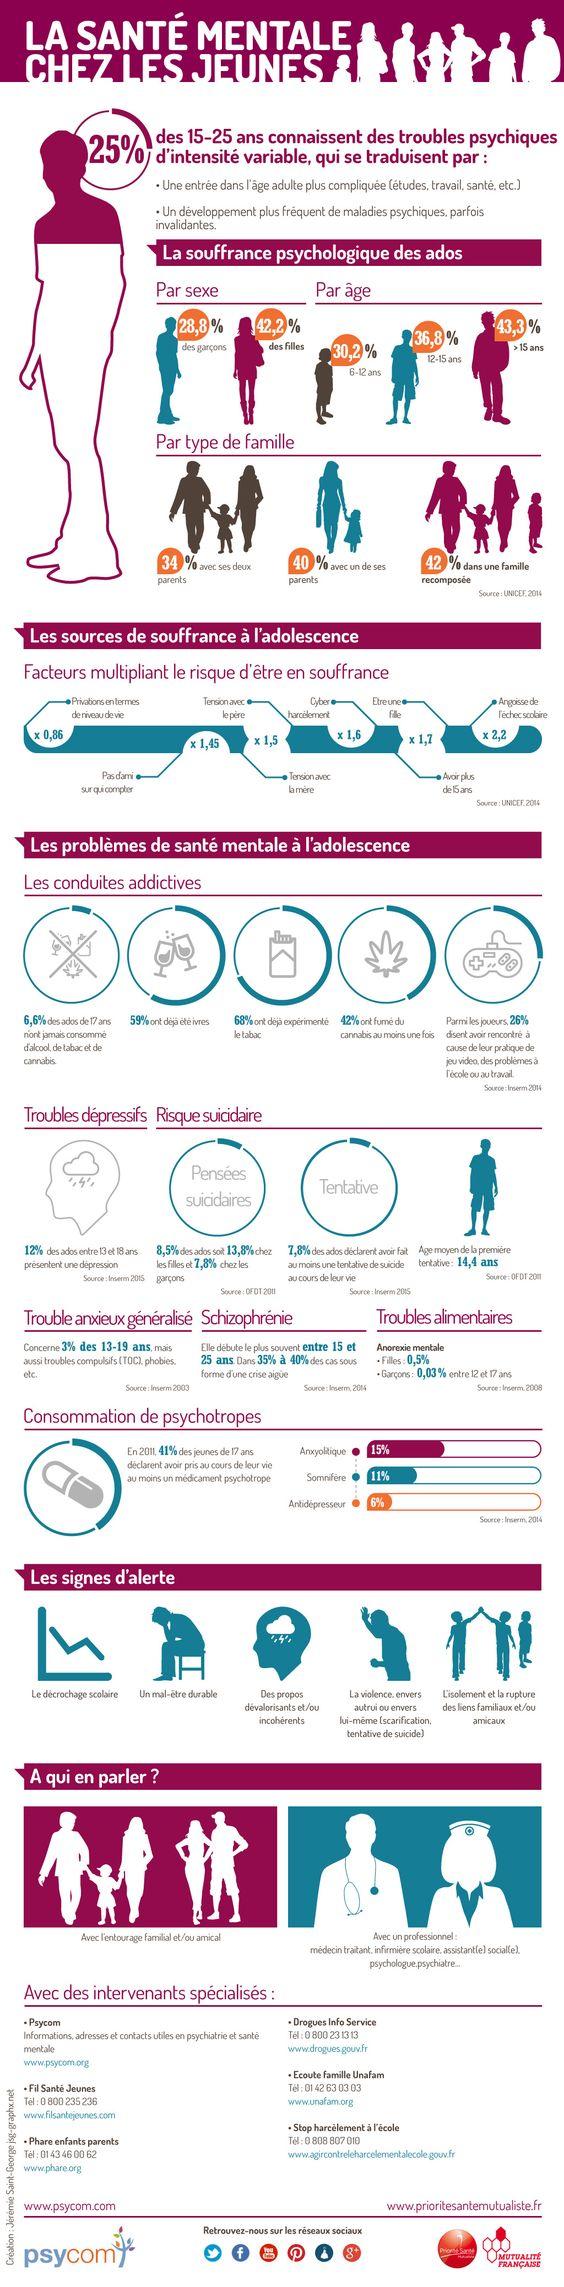 Infographie - La santé mentale chez les jeunes en quelques chiffres #SISM2015